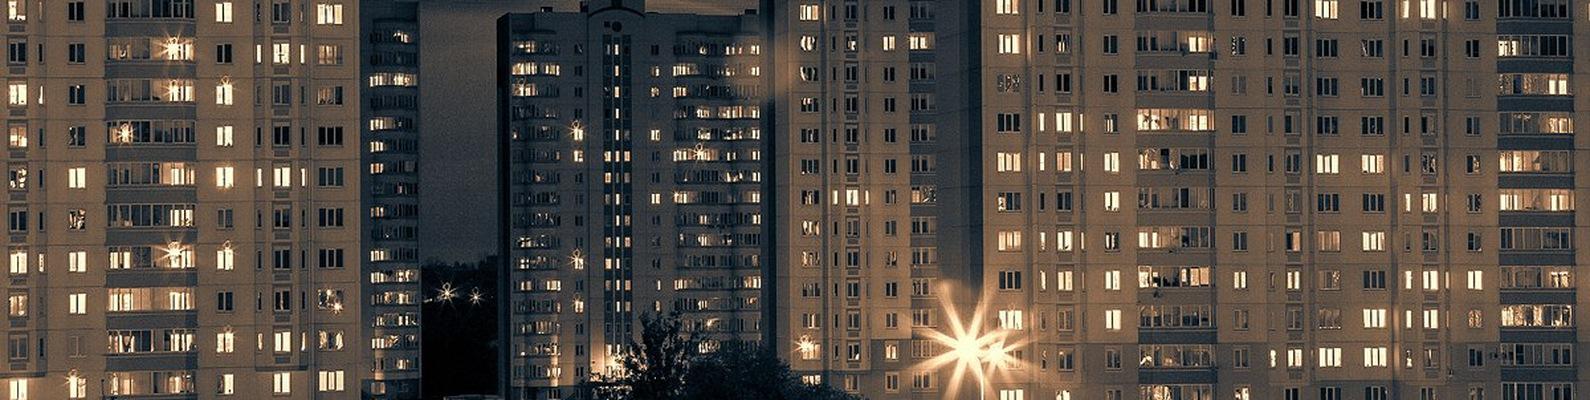 Снять девочку Уткин просп. интим услуги в санкт-петербурге индивидуалки